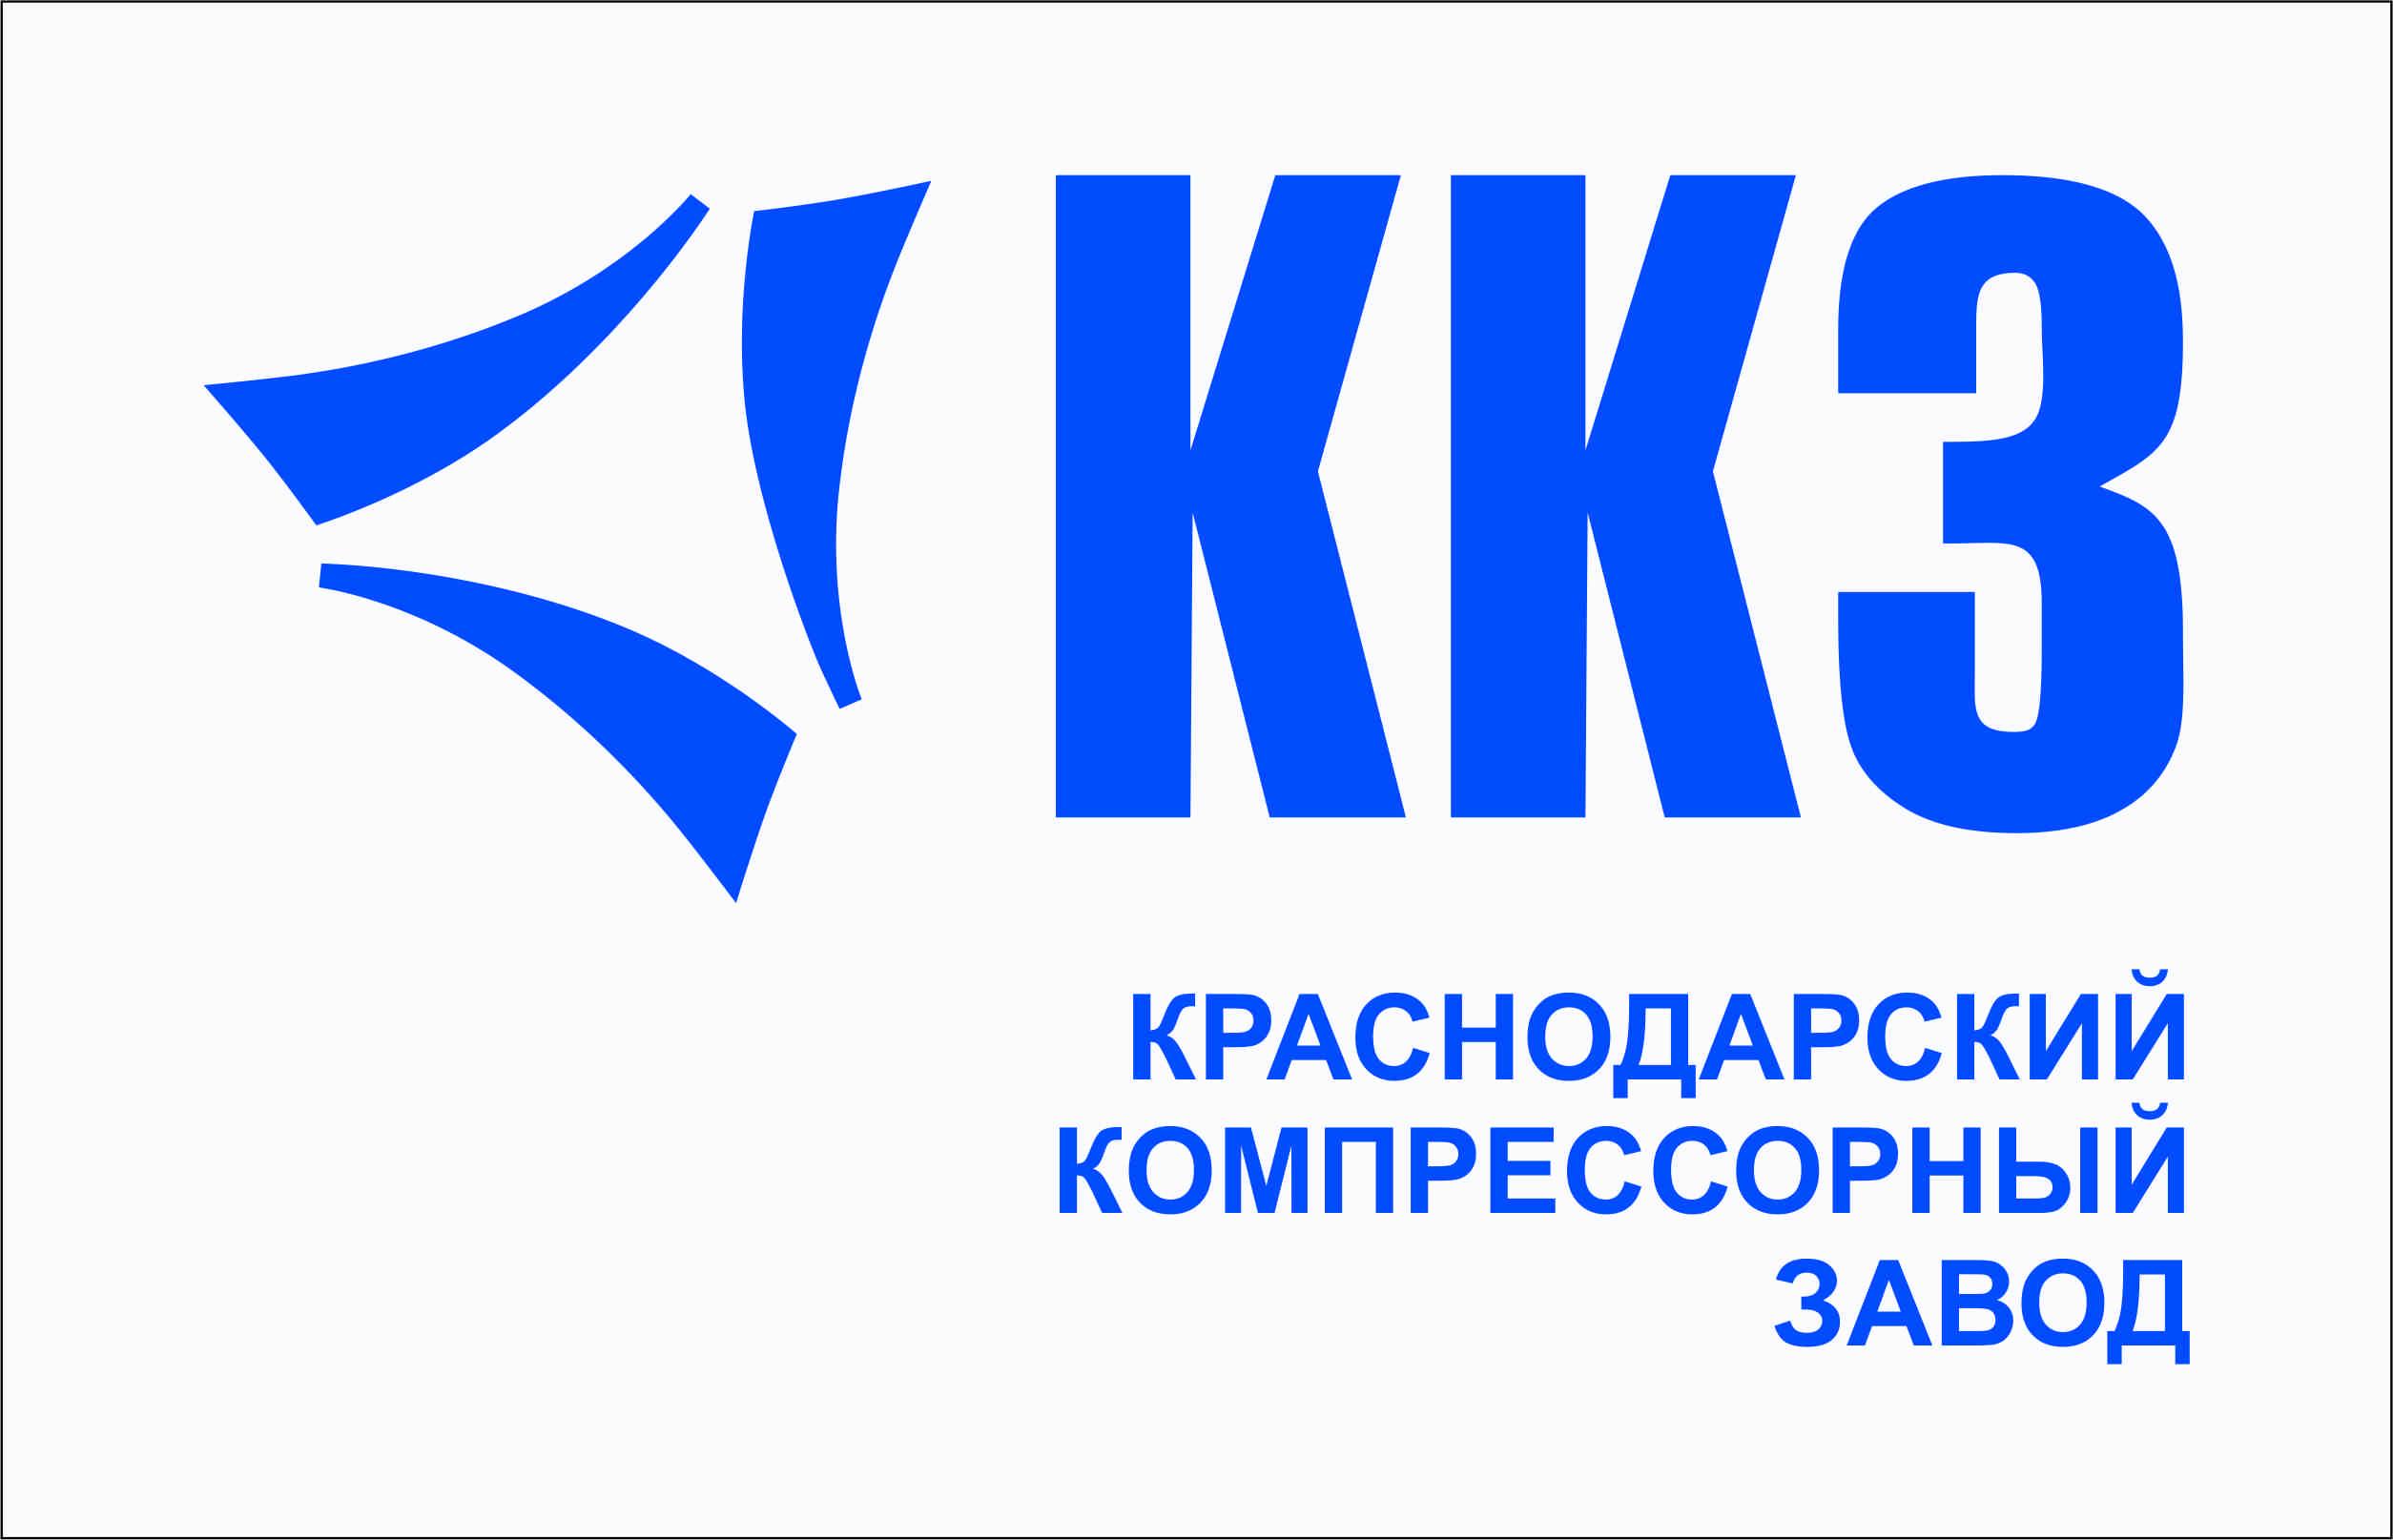 Общество с ограниченной ответственностью «Краснодарский Компрессорный завод», ИНН 2311112293